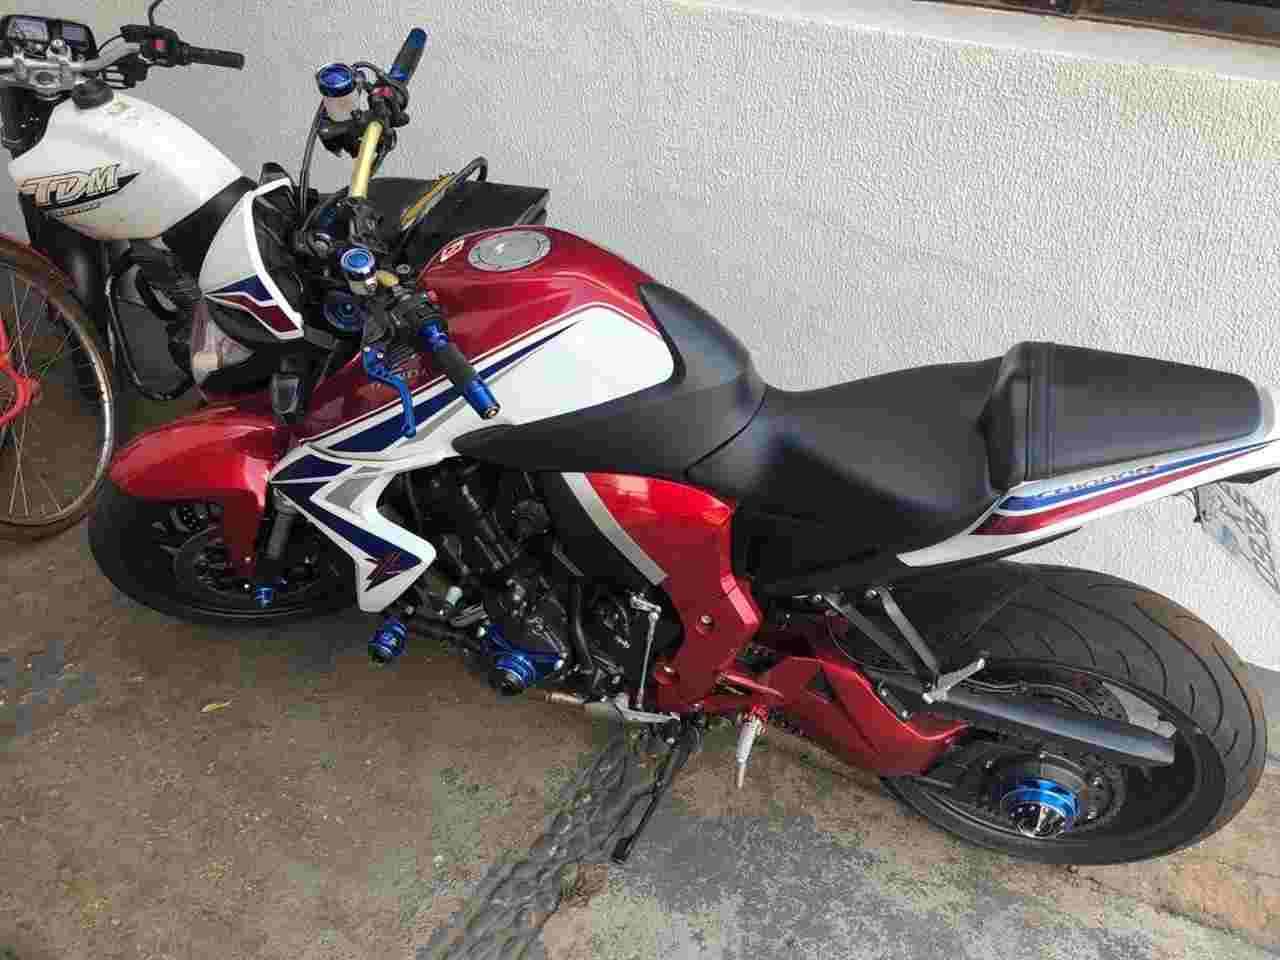 Motocicleta Honda CB 1000 apreendida em operação da Draco | Foto: Divulgação/PC